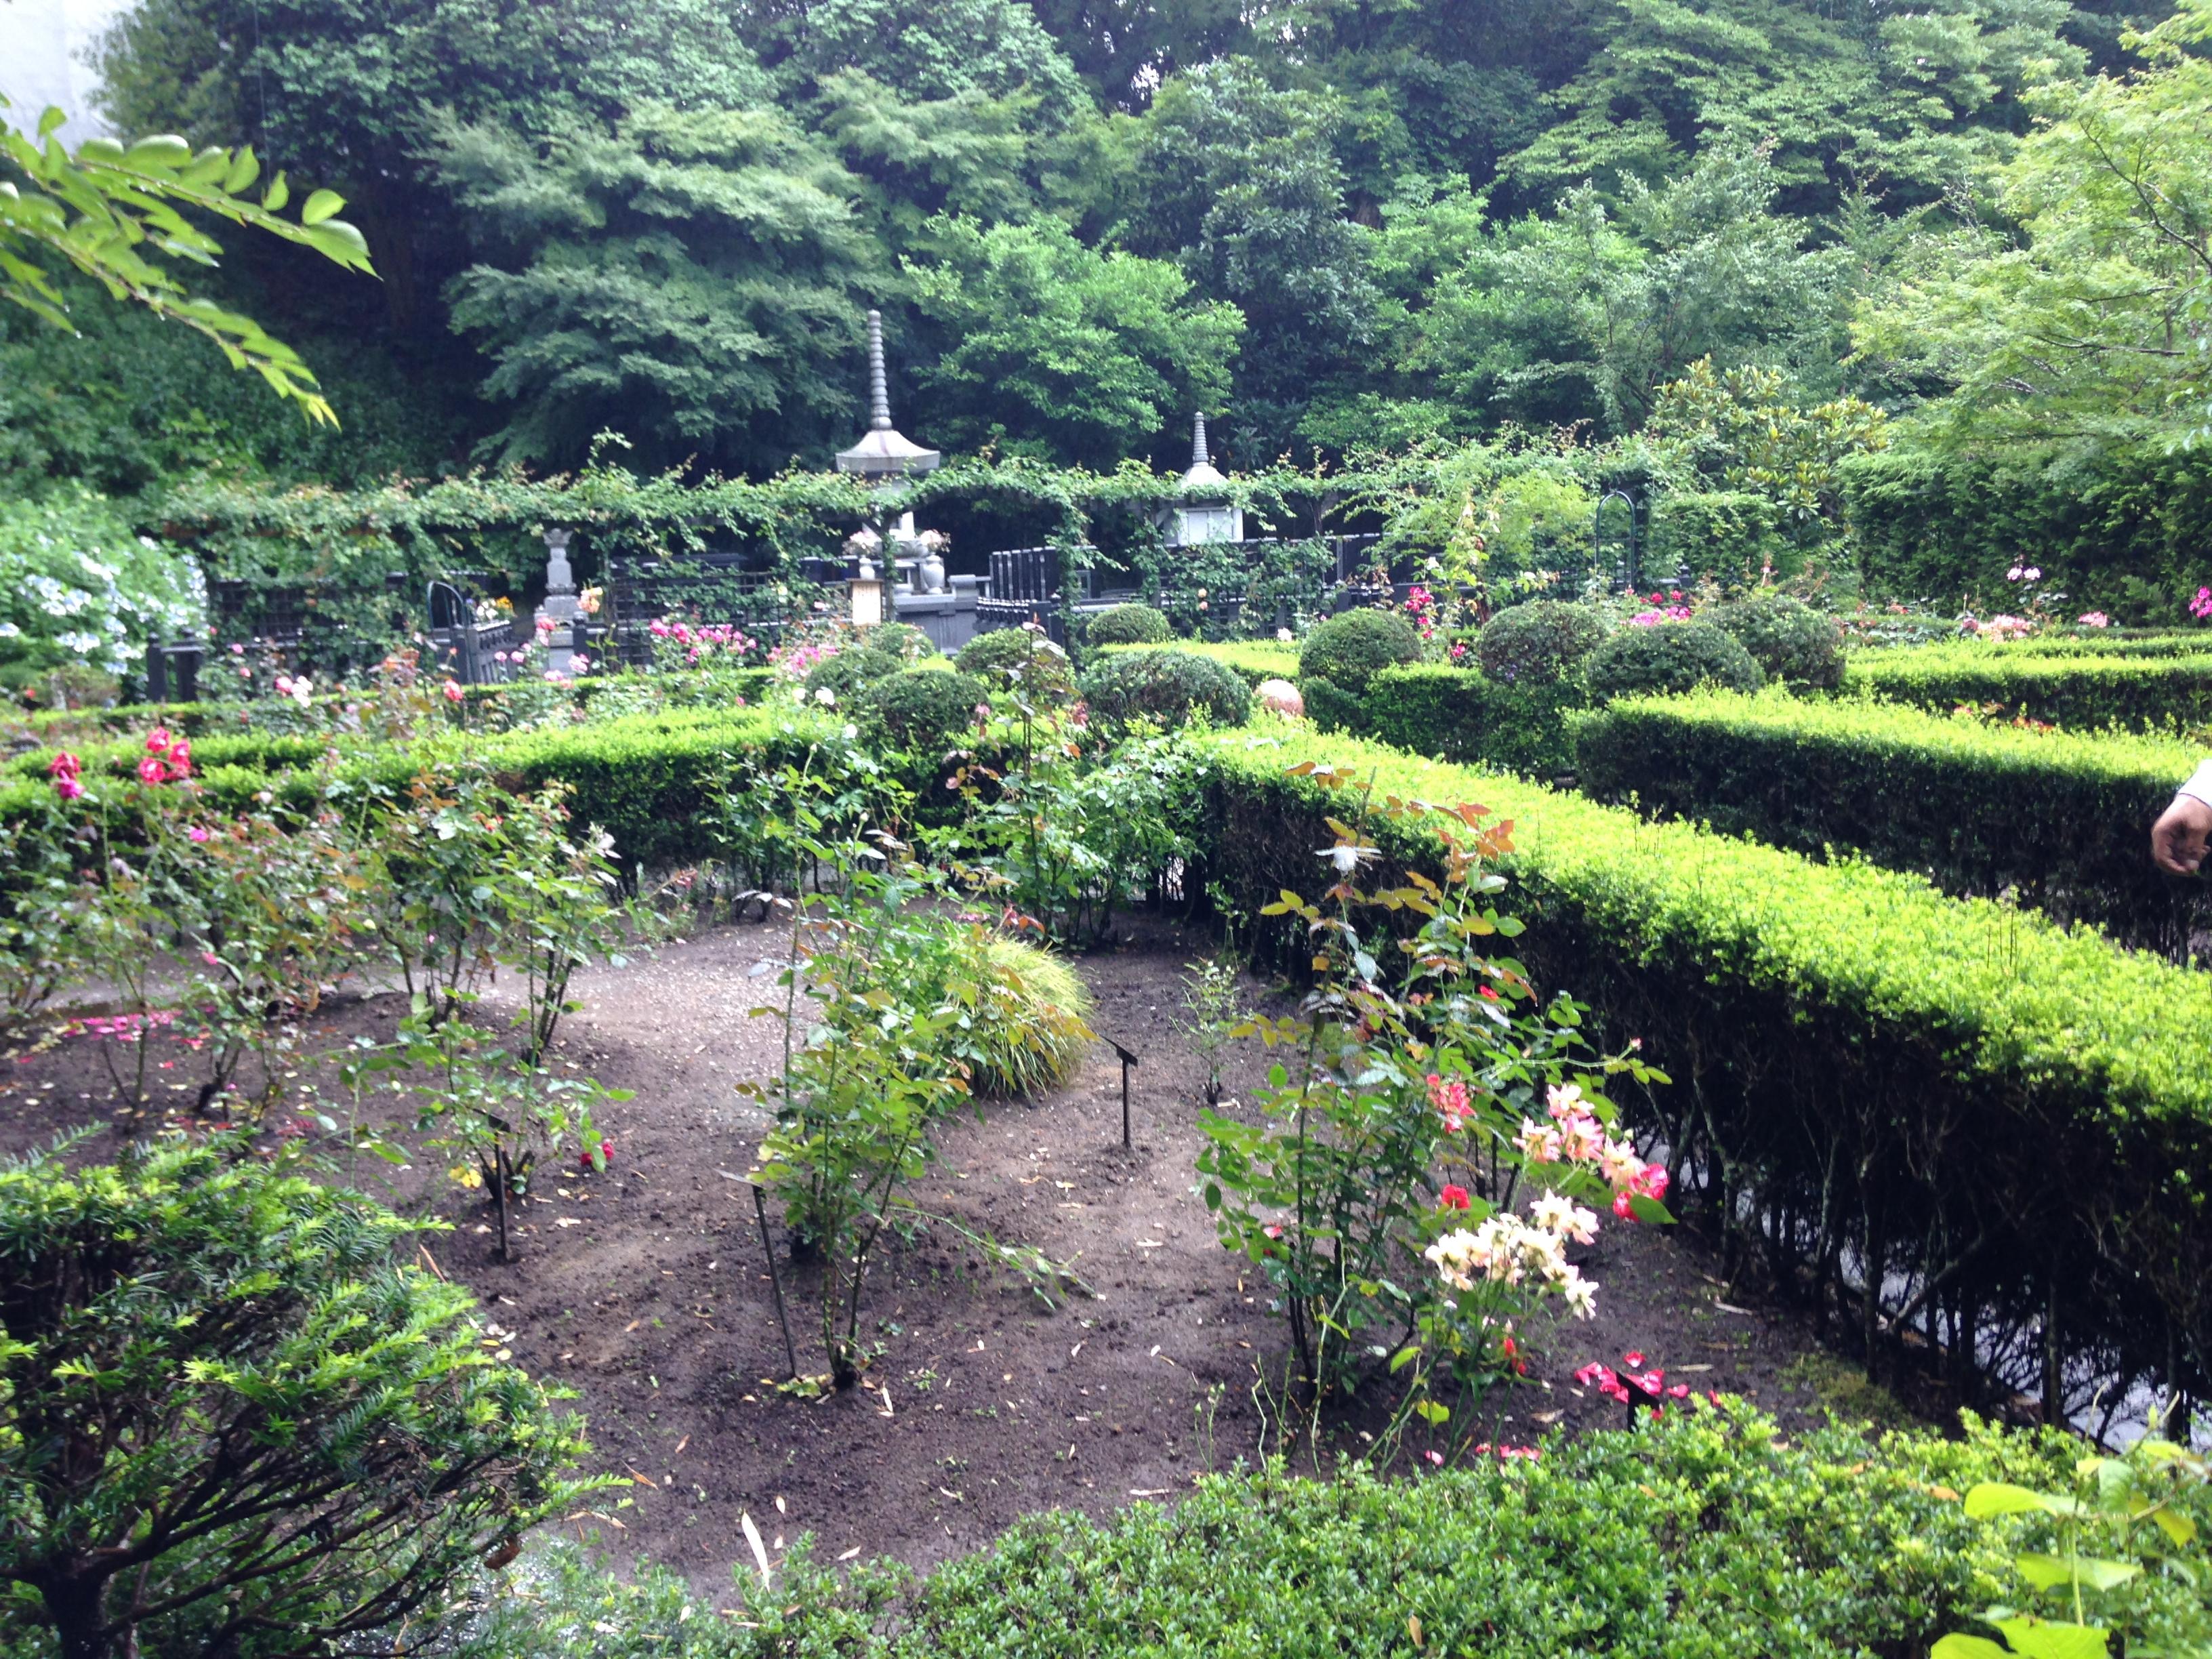 美丽的日本庭院,沿途栽种着许多玫瑰。